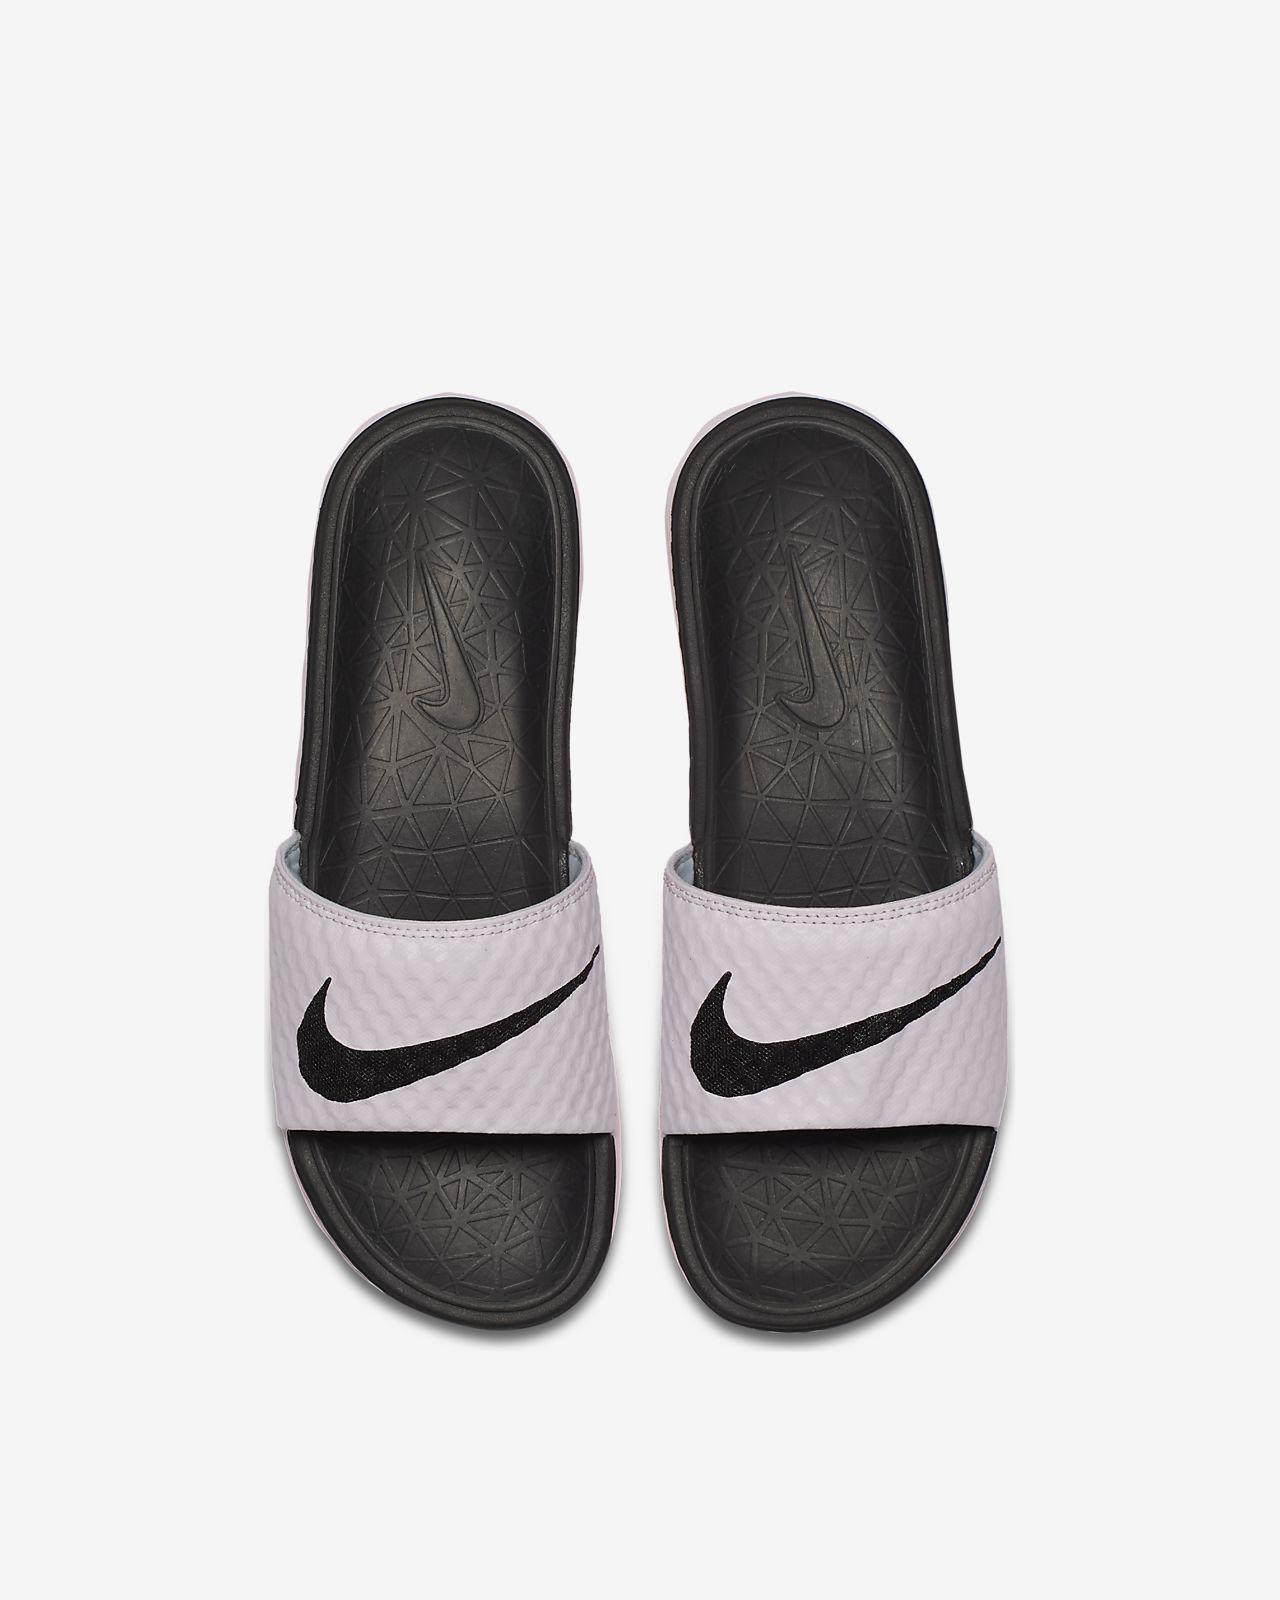 3663d27658aa Nike Benassi Solarsoft 2 Women s Slide. Nike.com SG